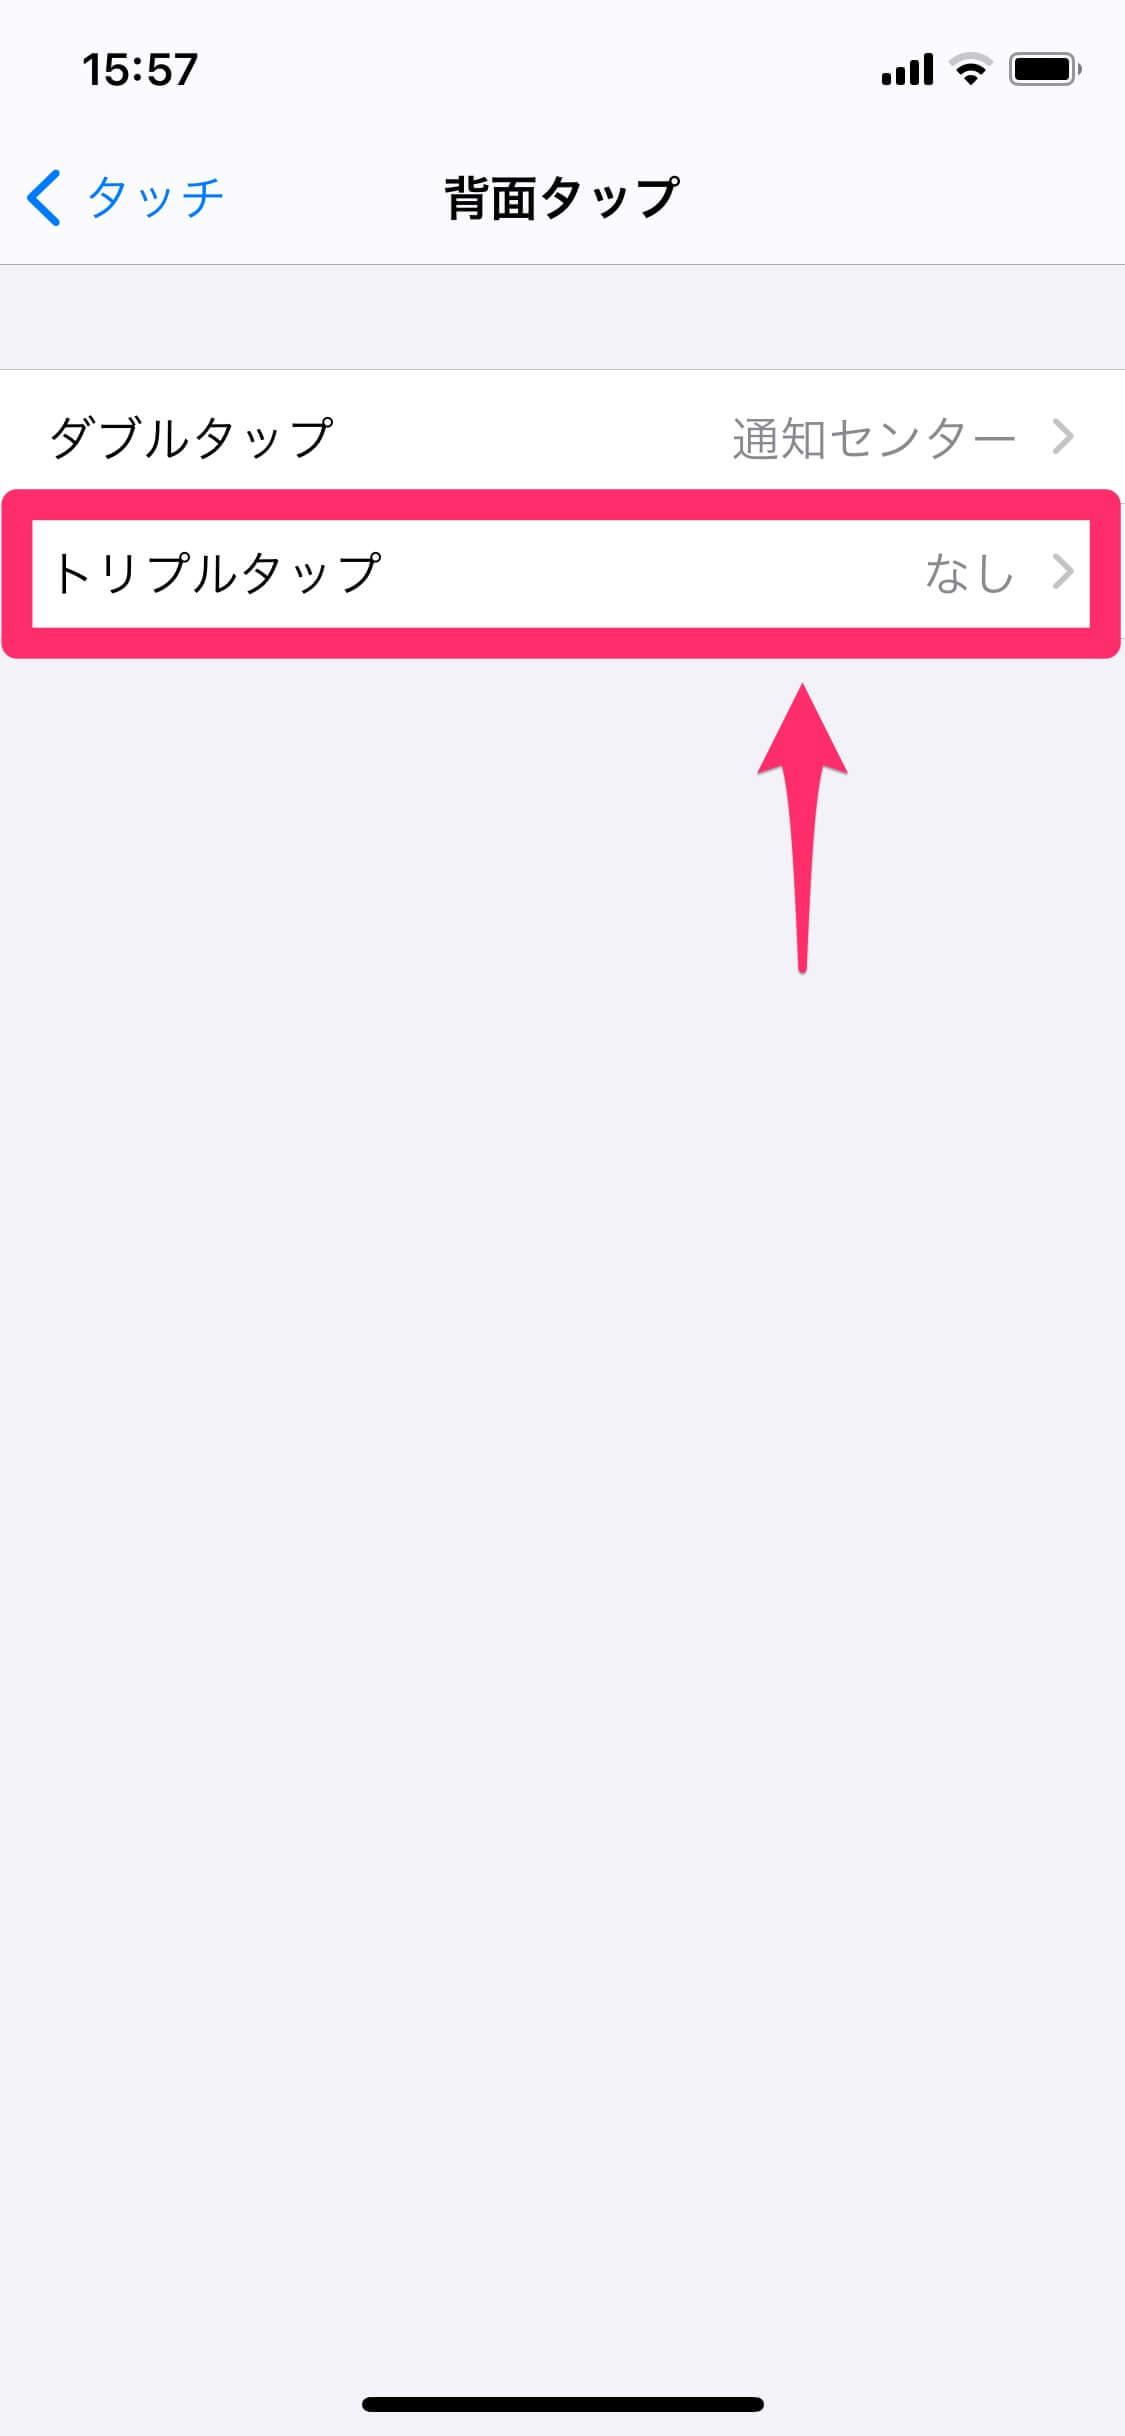 【iOS 14】背面タップに通知センターやスクショを割り当てられる! アクセシビリティの新機能